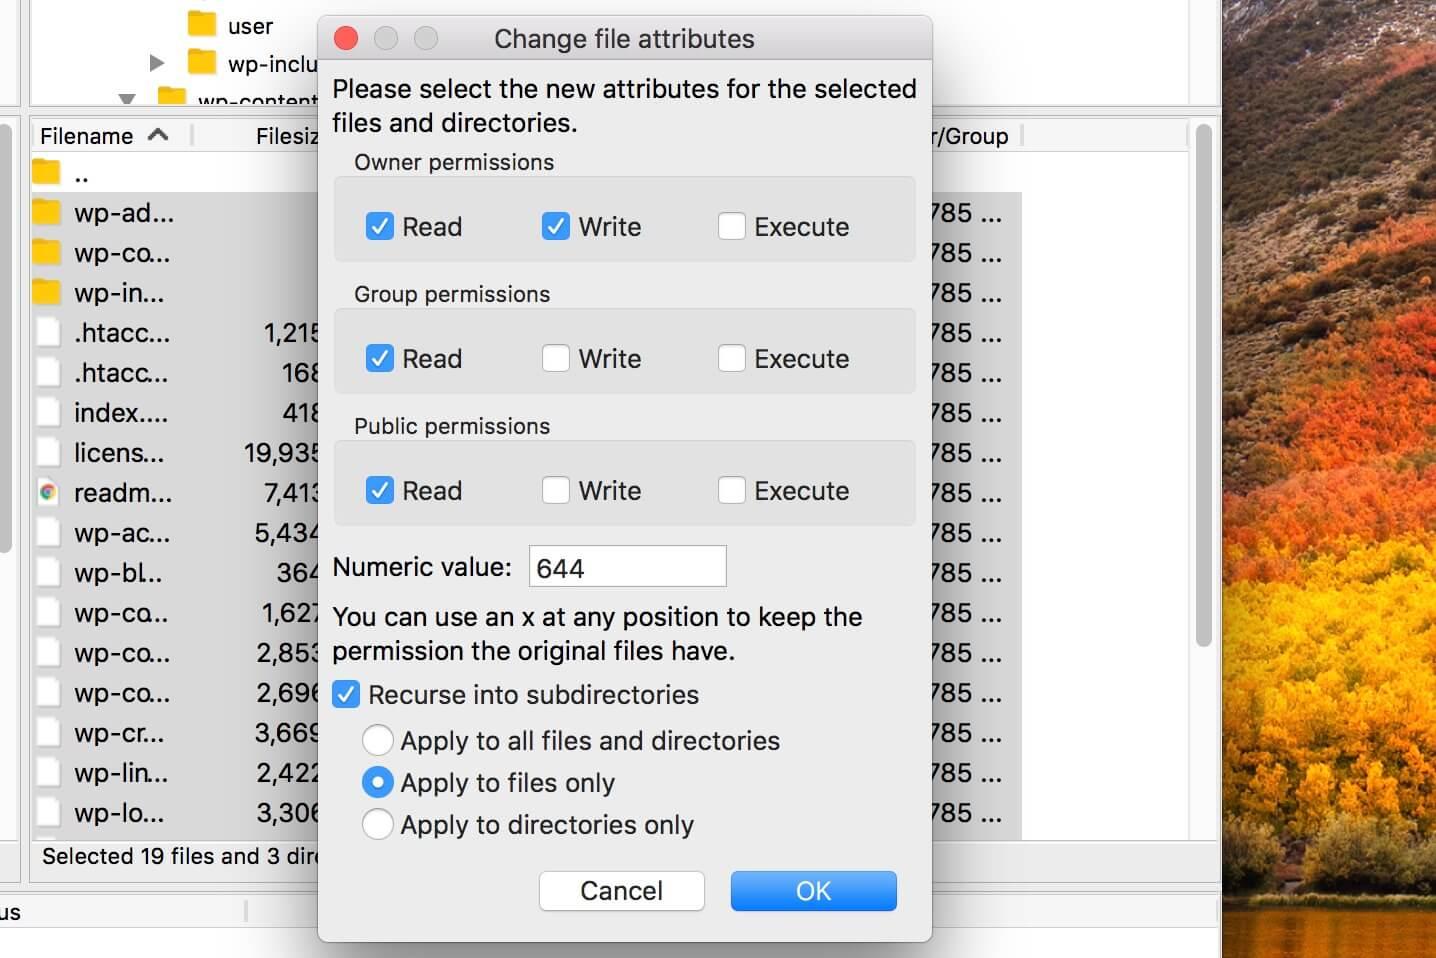 تنظیم مجوز فایل و پوشه در وردرپرس